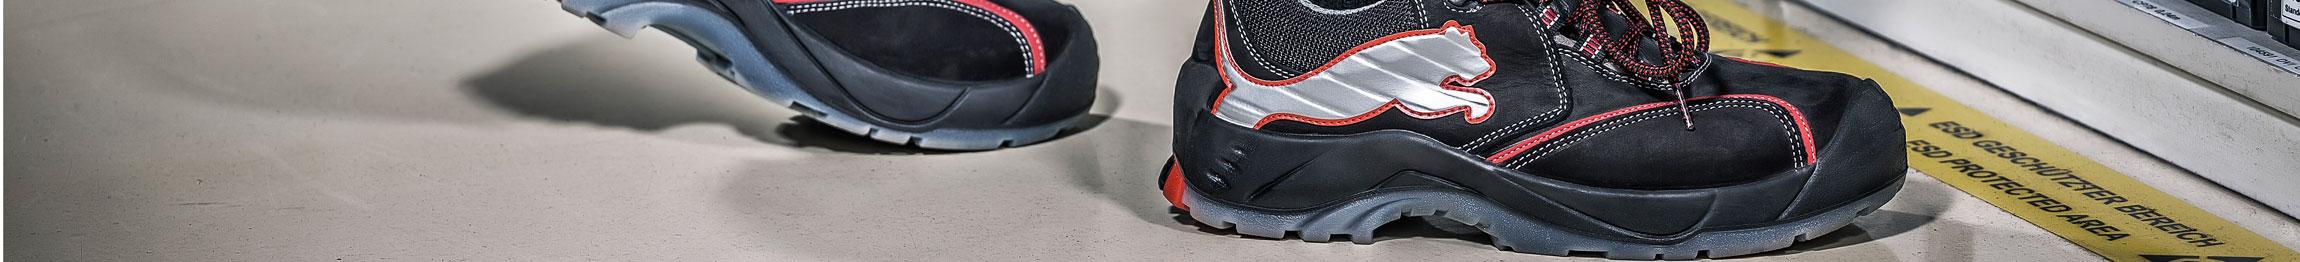 Wat Zijn De Beste Werkschoenen.Hoe Kies Je De Juiste Werkschoenen Technische Unie